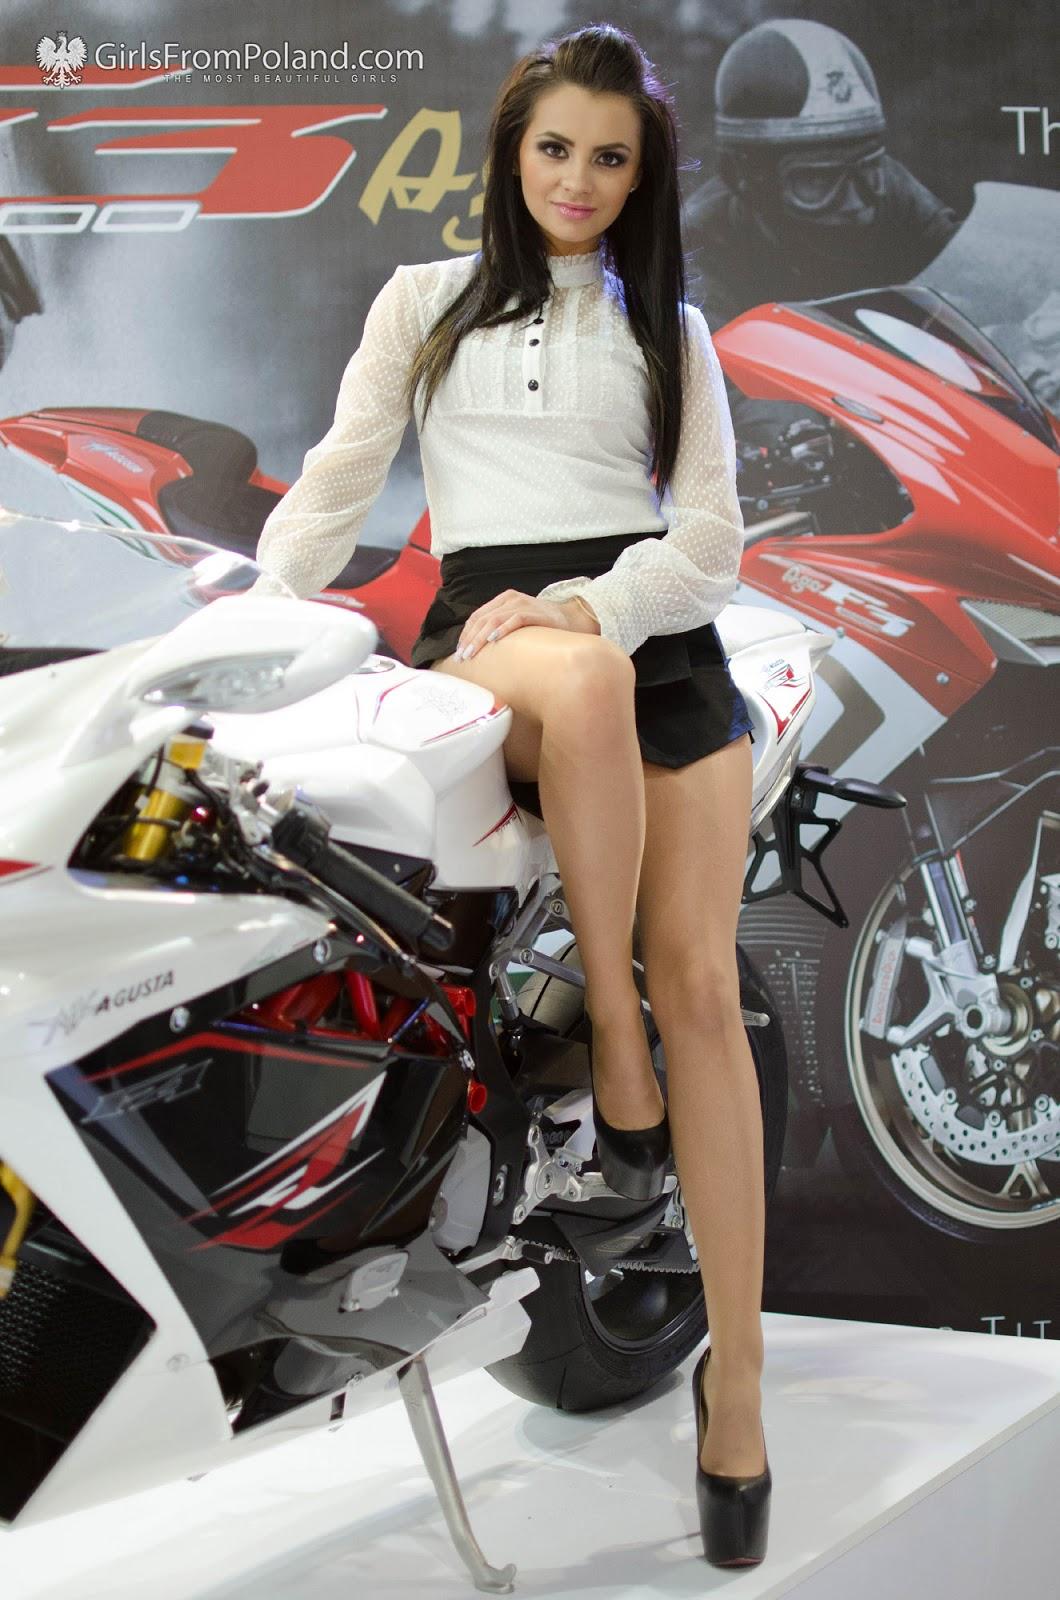 7 Wystawa Motocykli i Skuterow  Zdjęcie 80